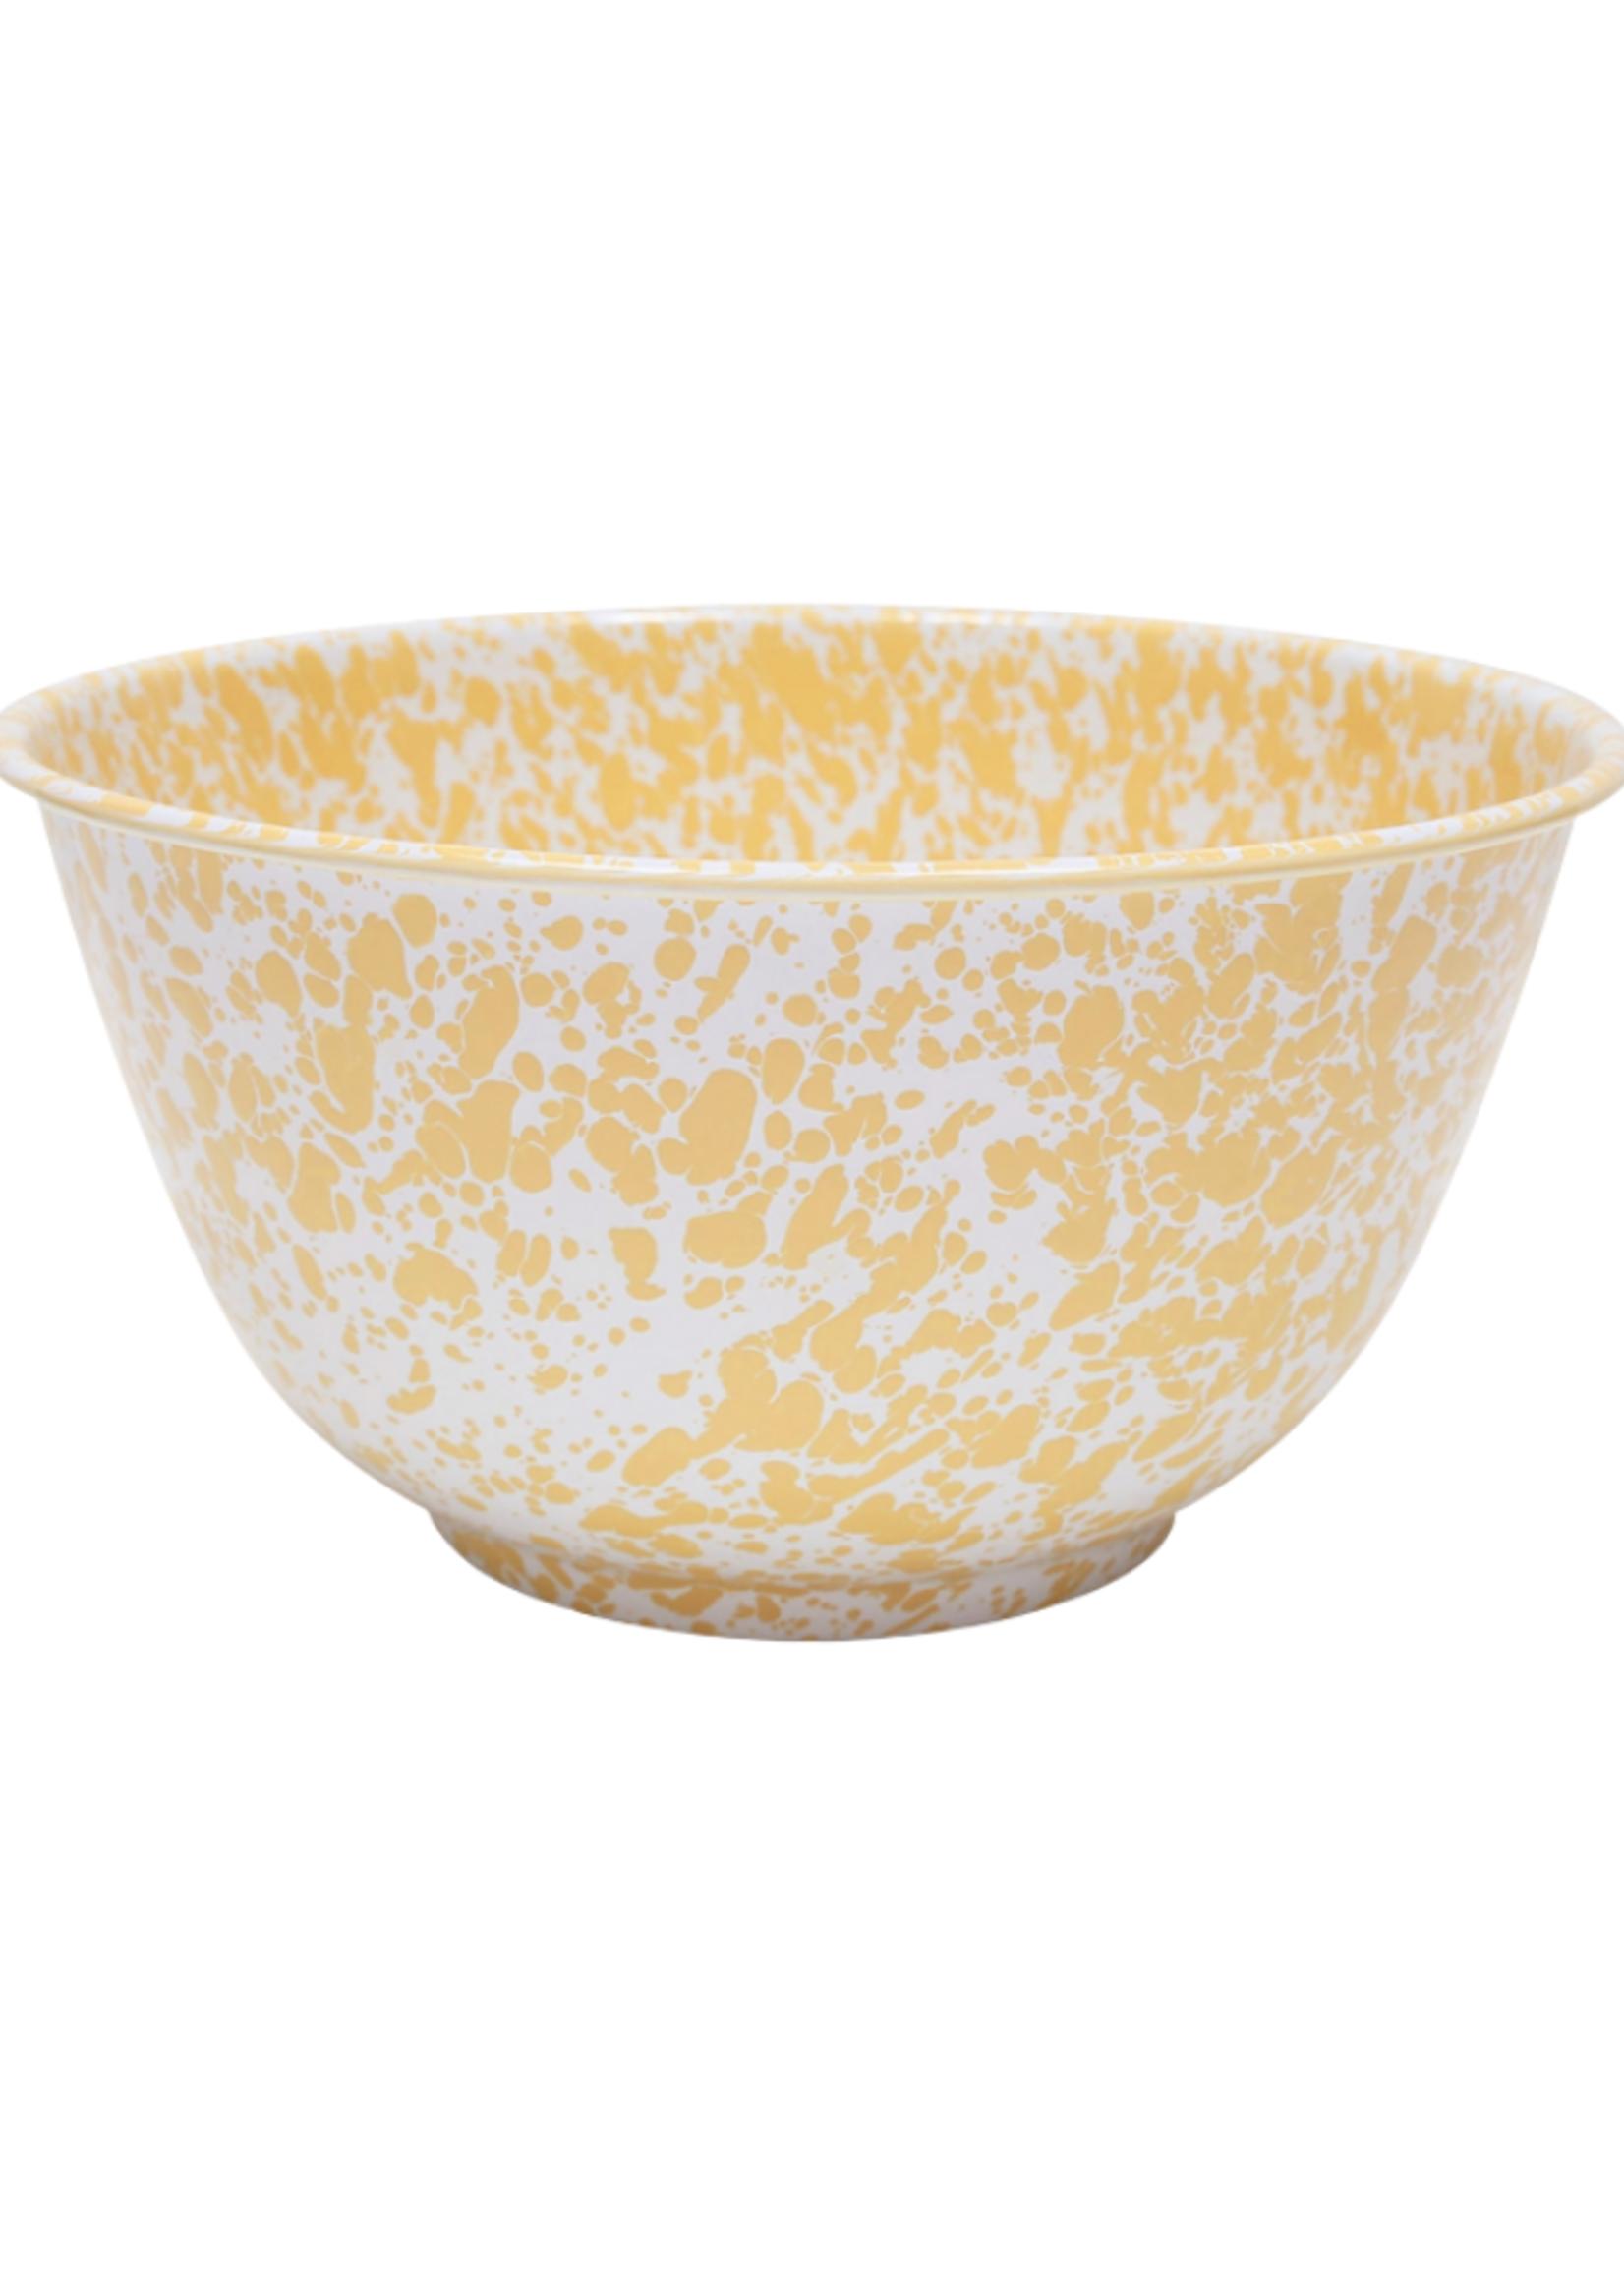 Splatter Large Salad Bowl // Yellow Marble